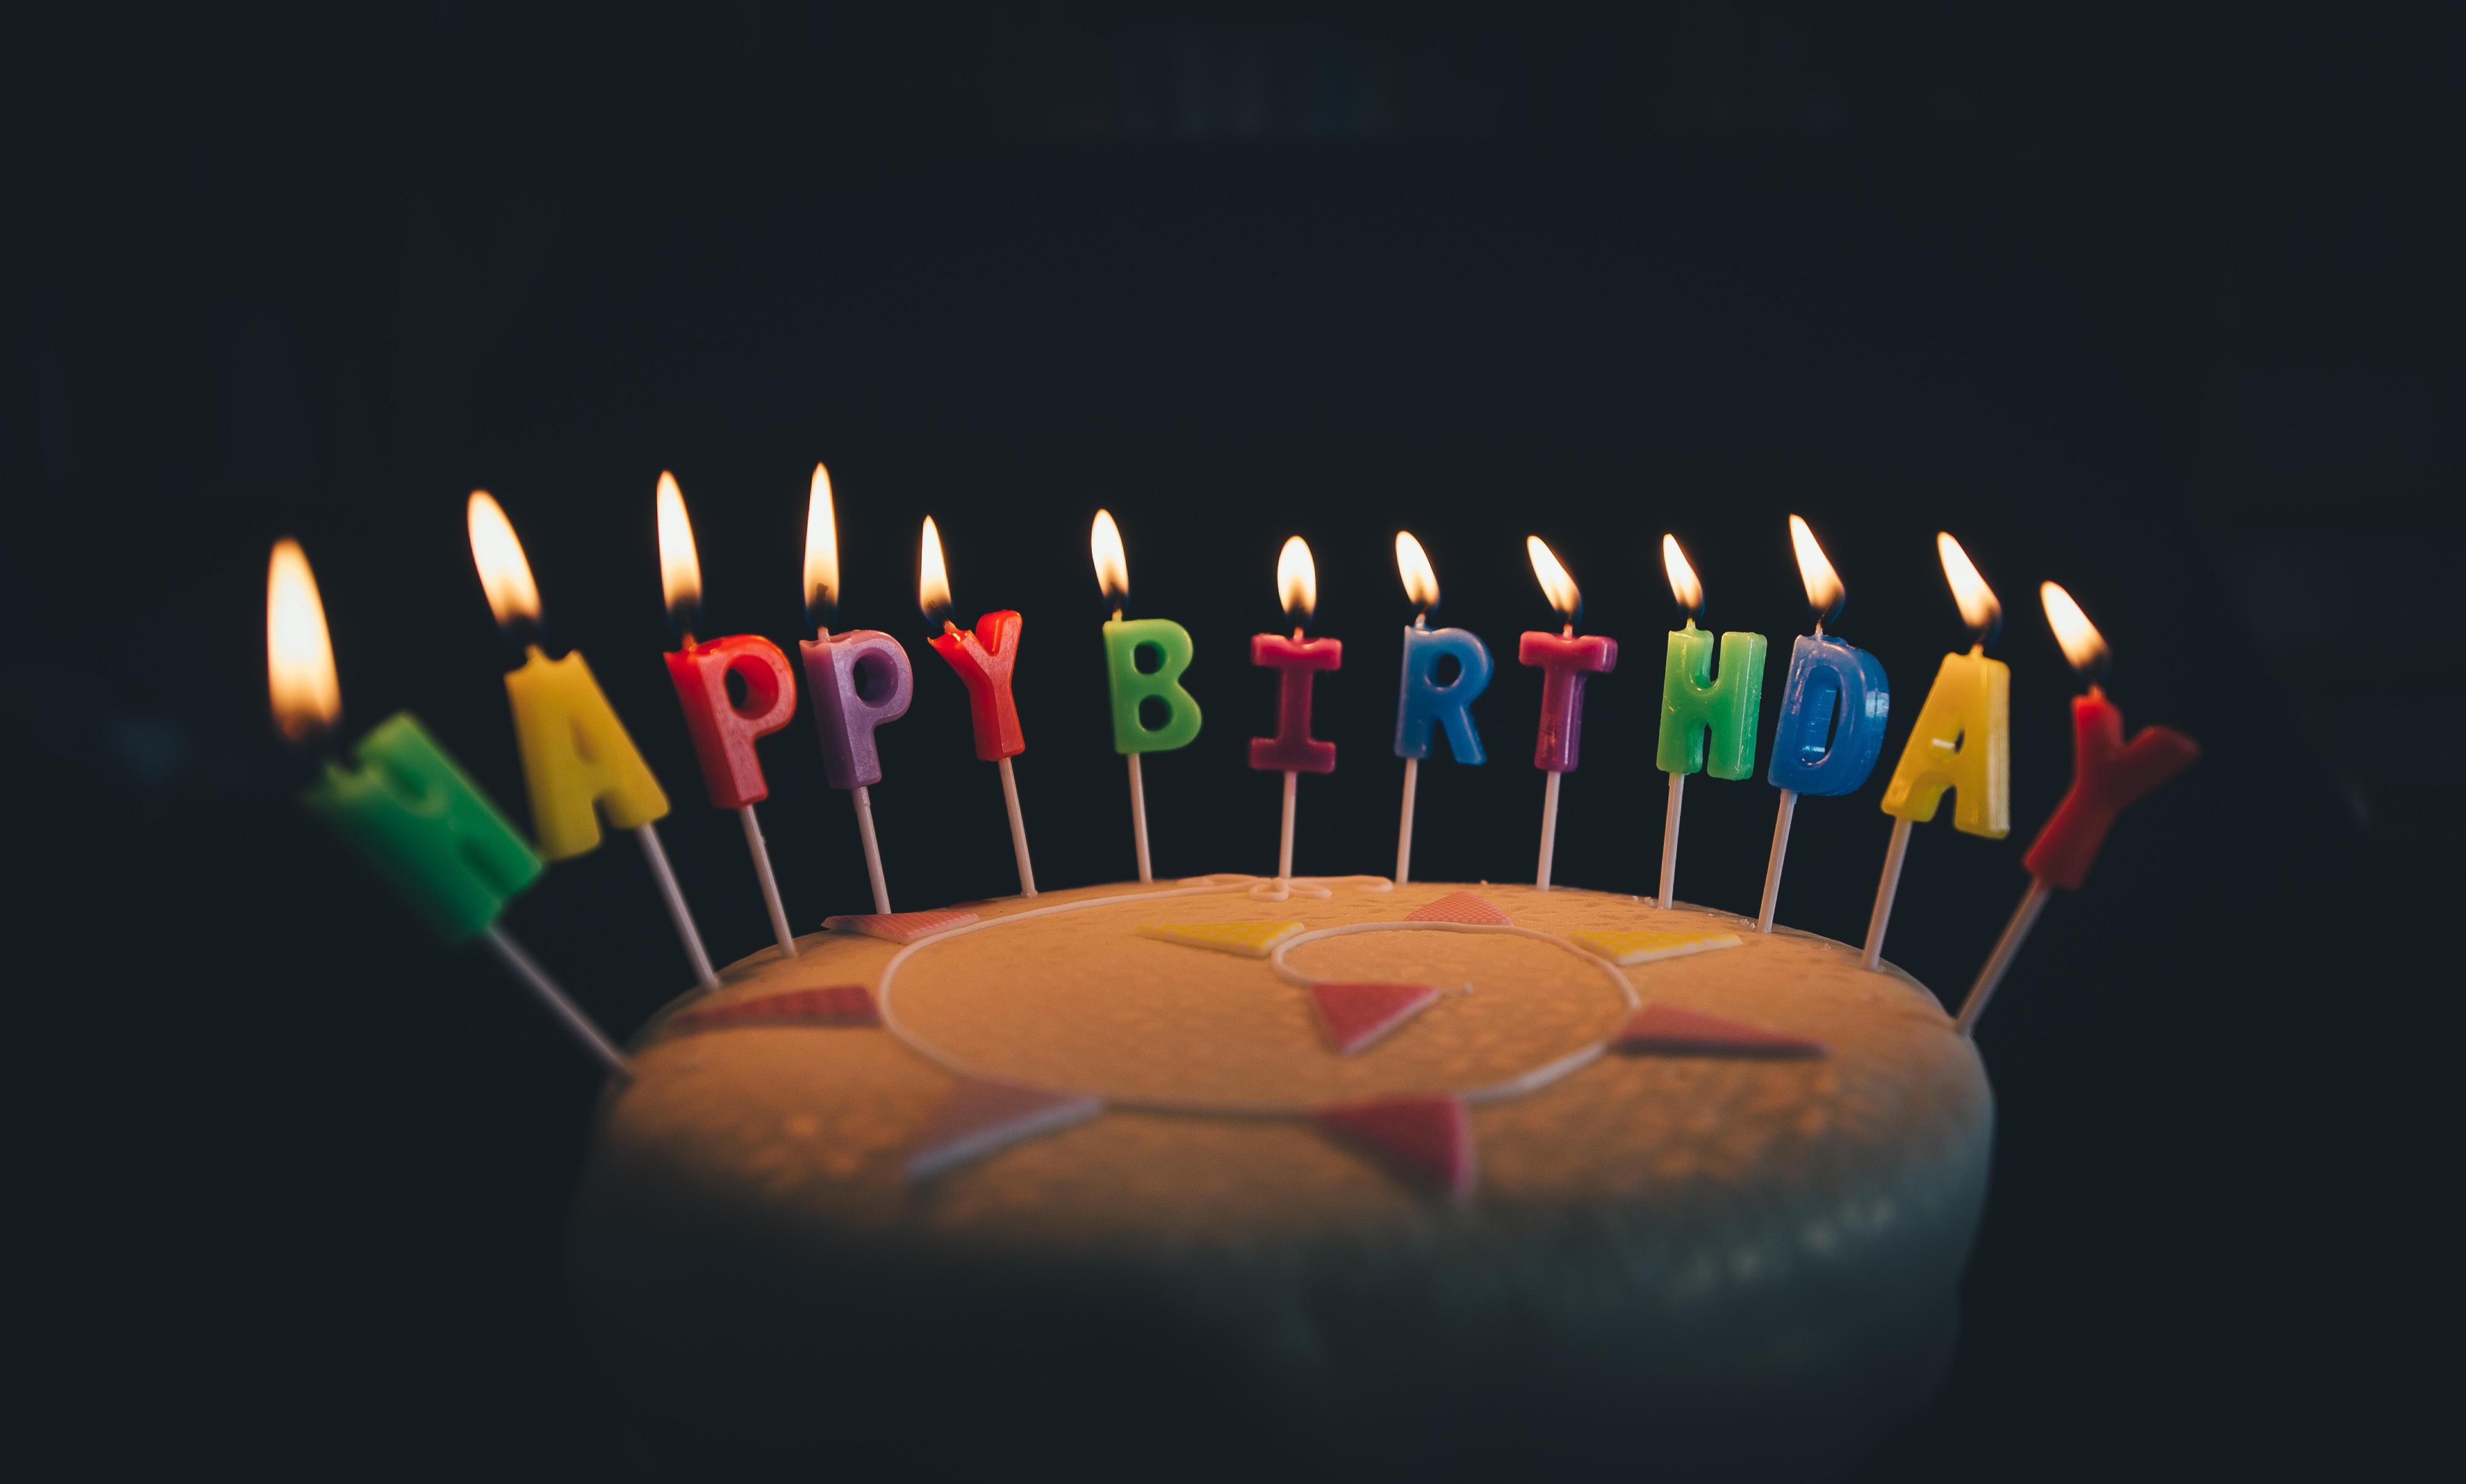 Šikanovaný chlapec dostal přání k narozeninám od Russela Crowea